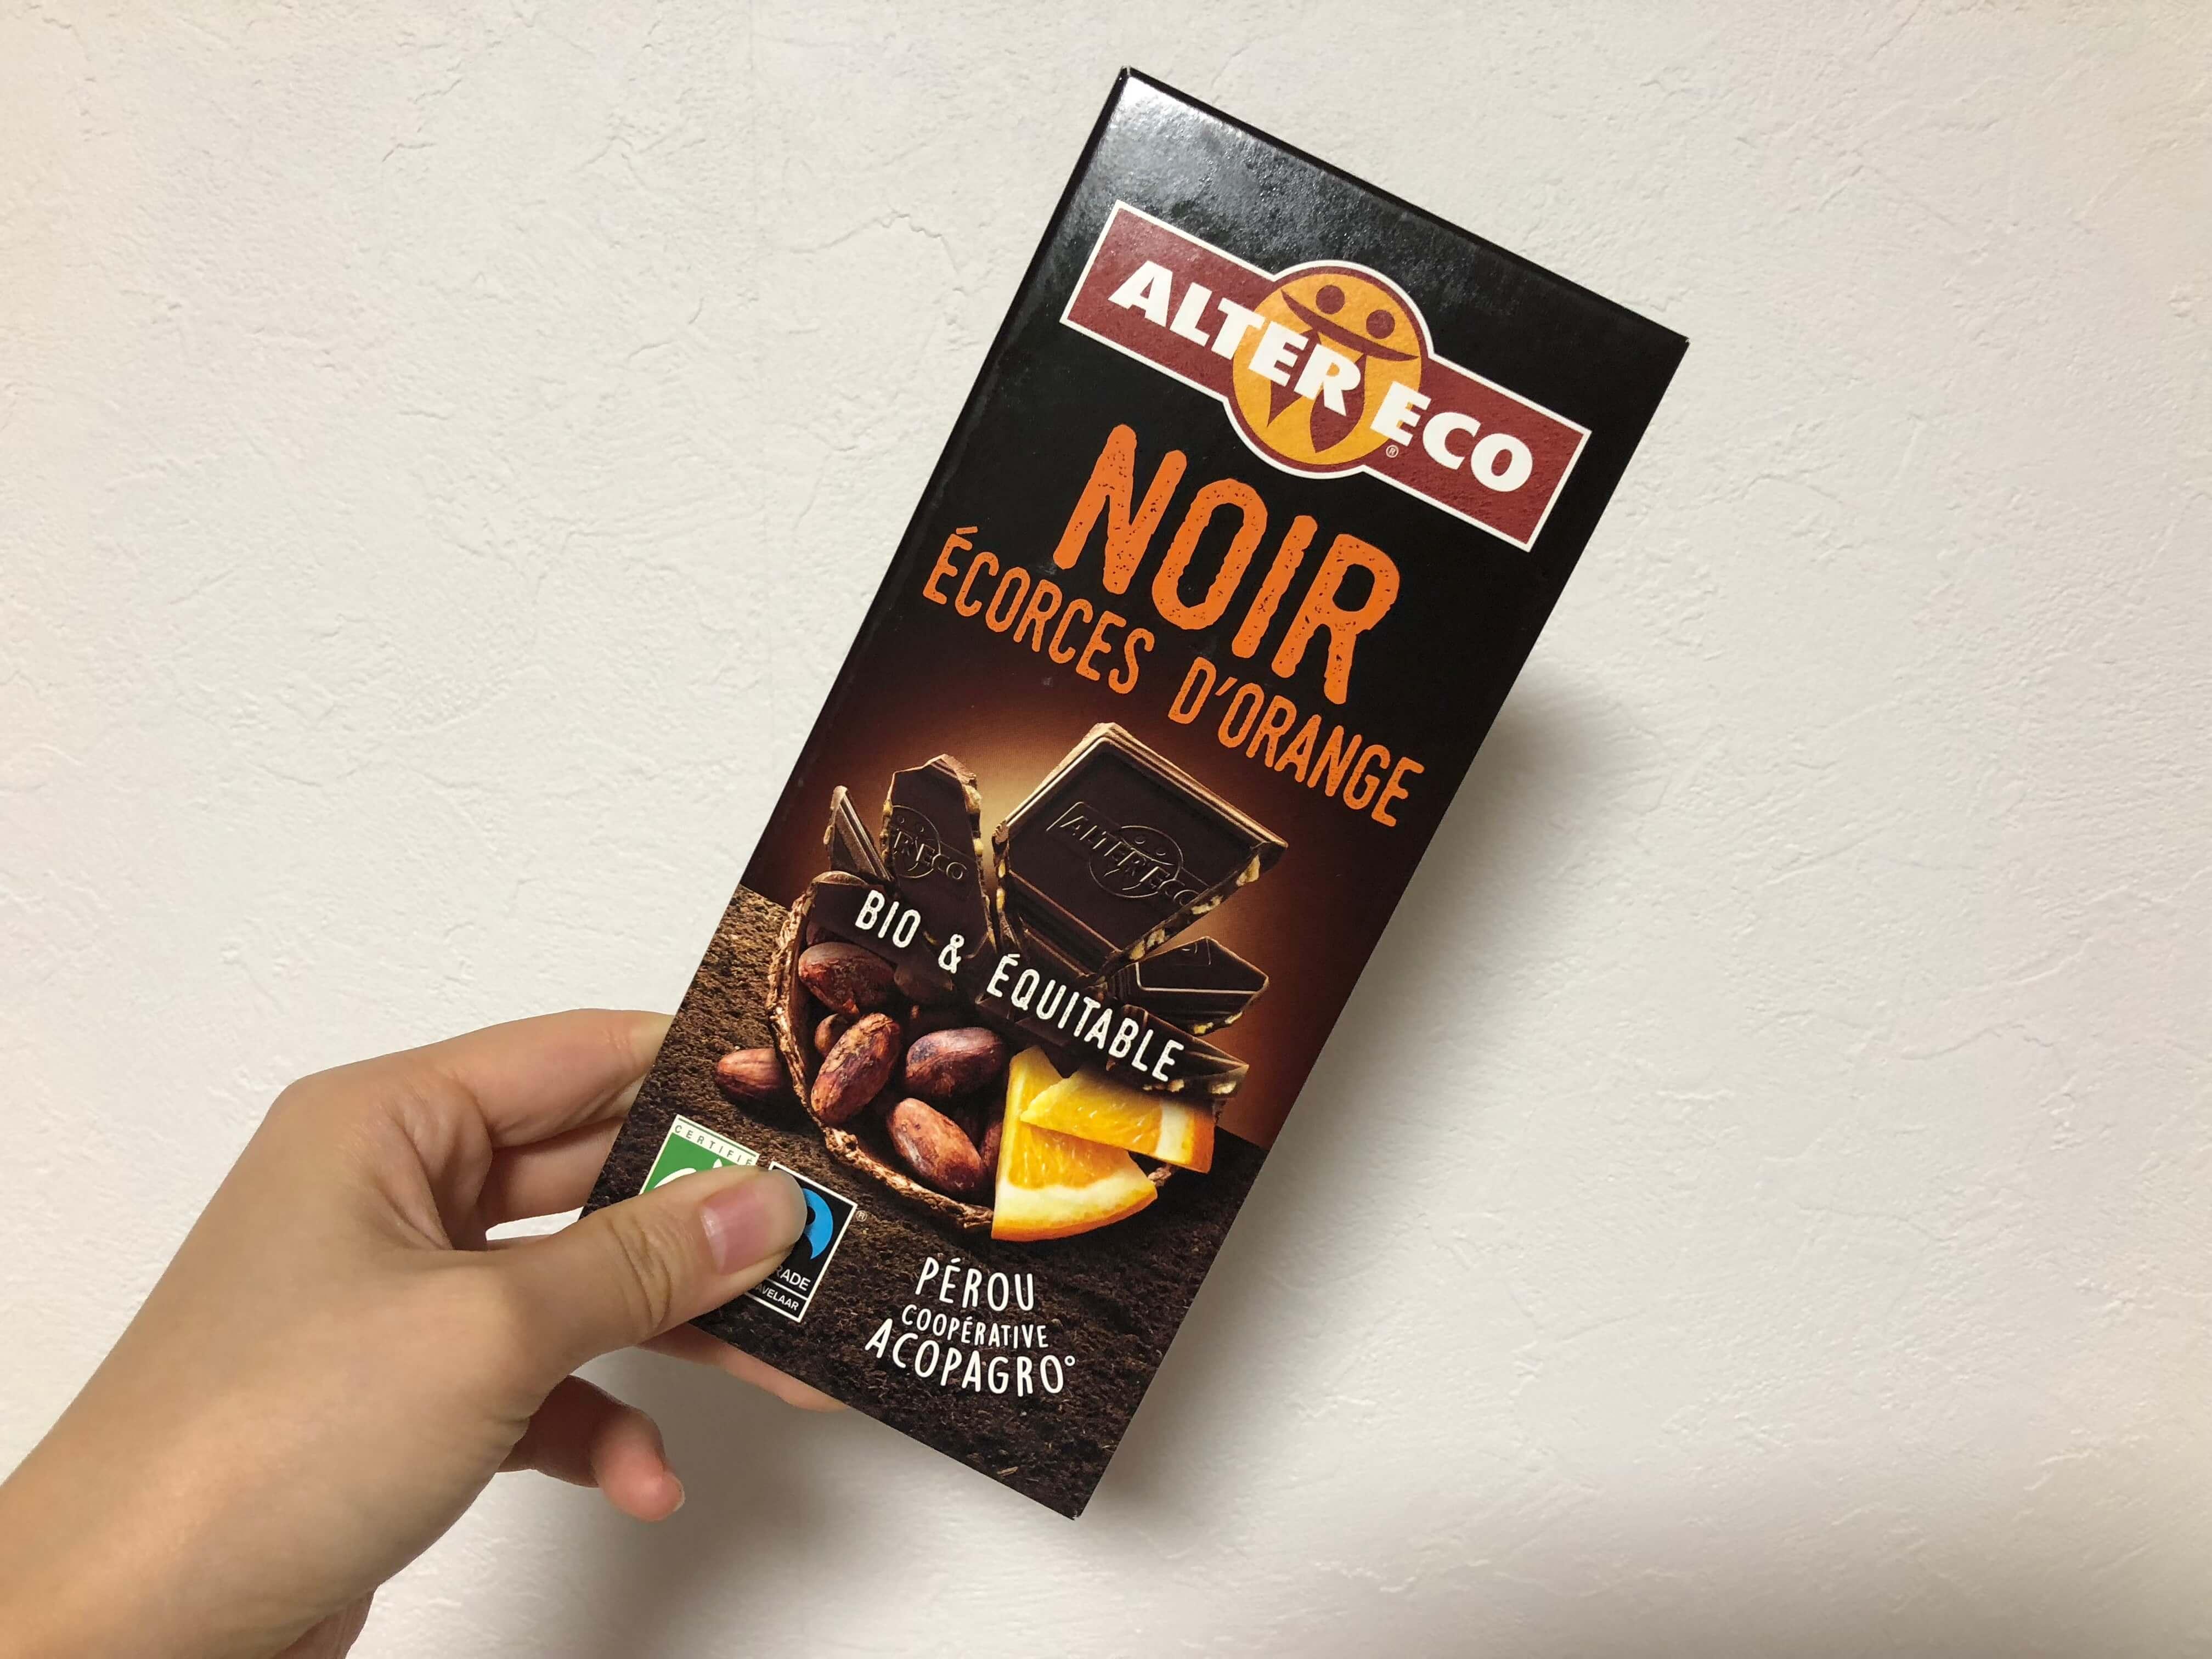 乳化剤不使用なALTER ECO(アルタルエコ)のチョコ